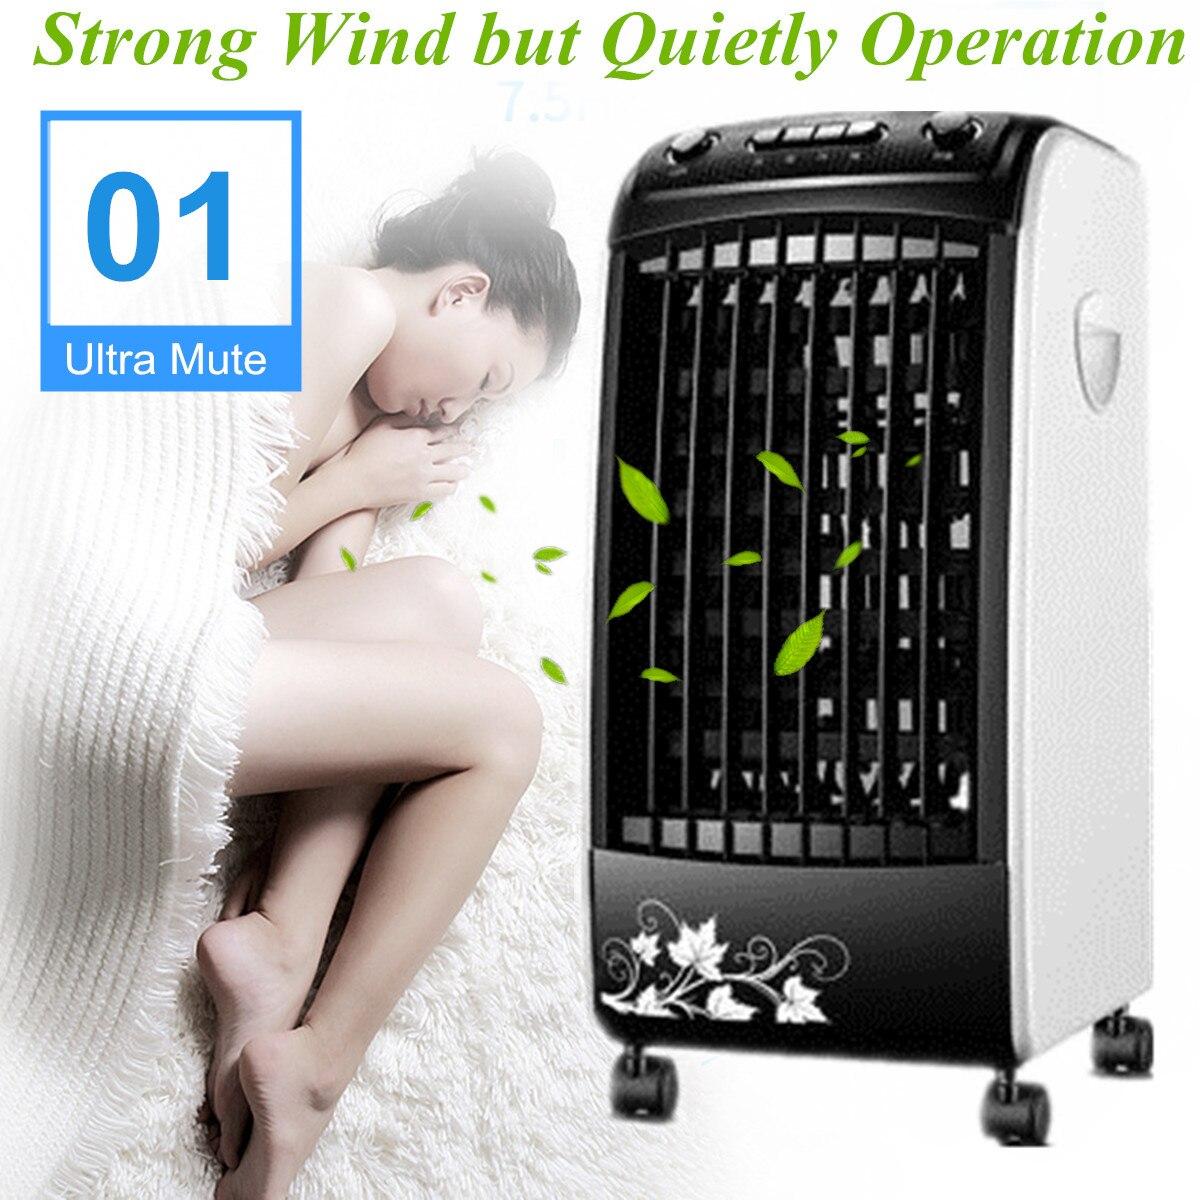 Puissant Vent Climatiseur Conditionné Ventilateur 220 v 65 w 5L 50 hz Hum Haute-densité Protection de L'environnement Calendrier portable